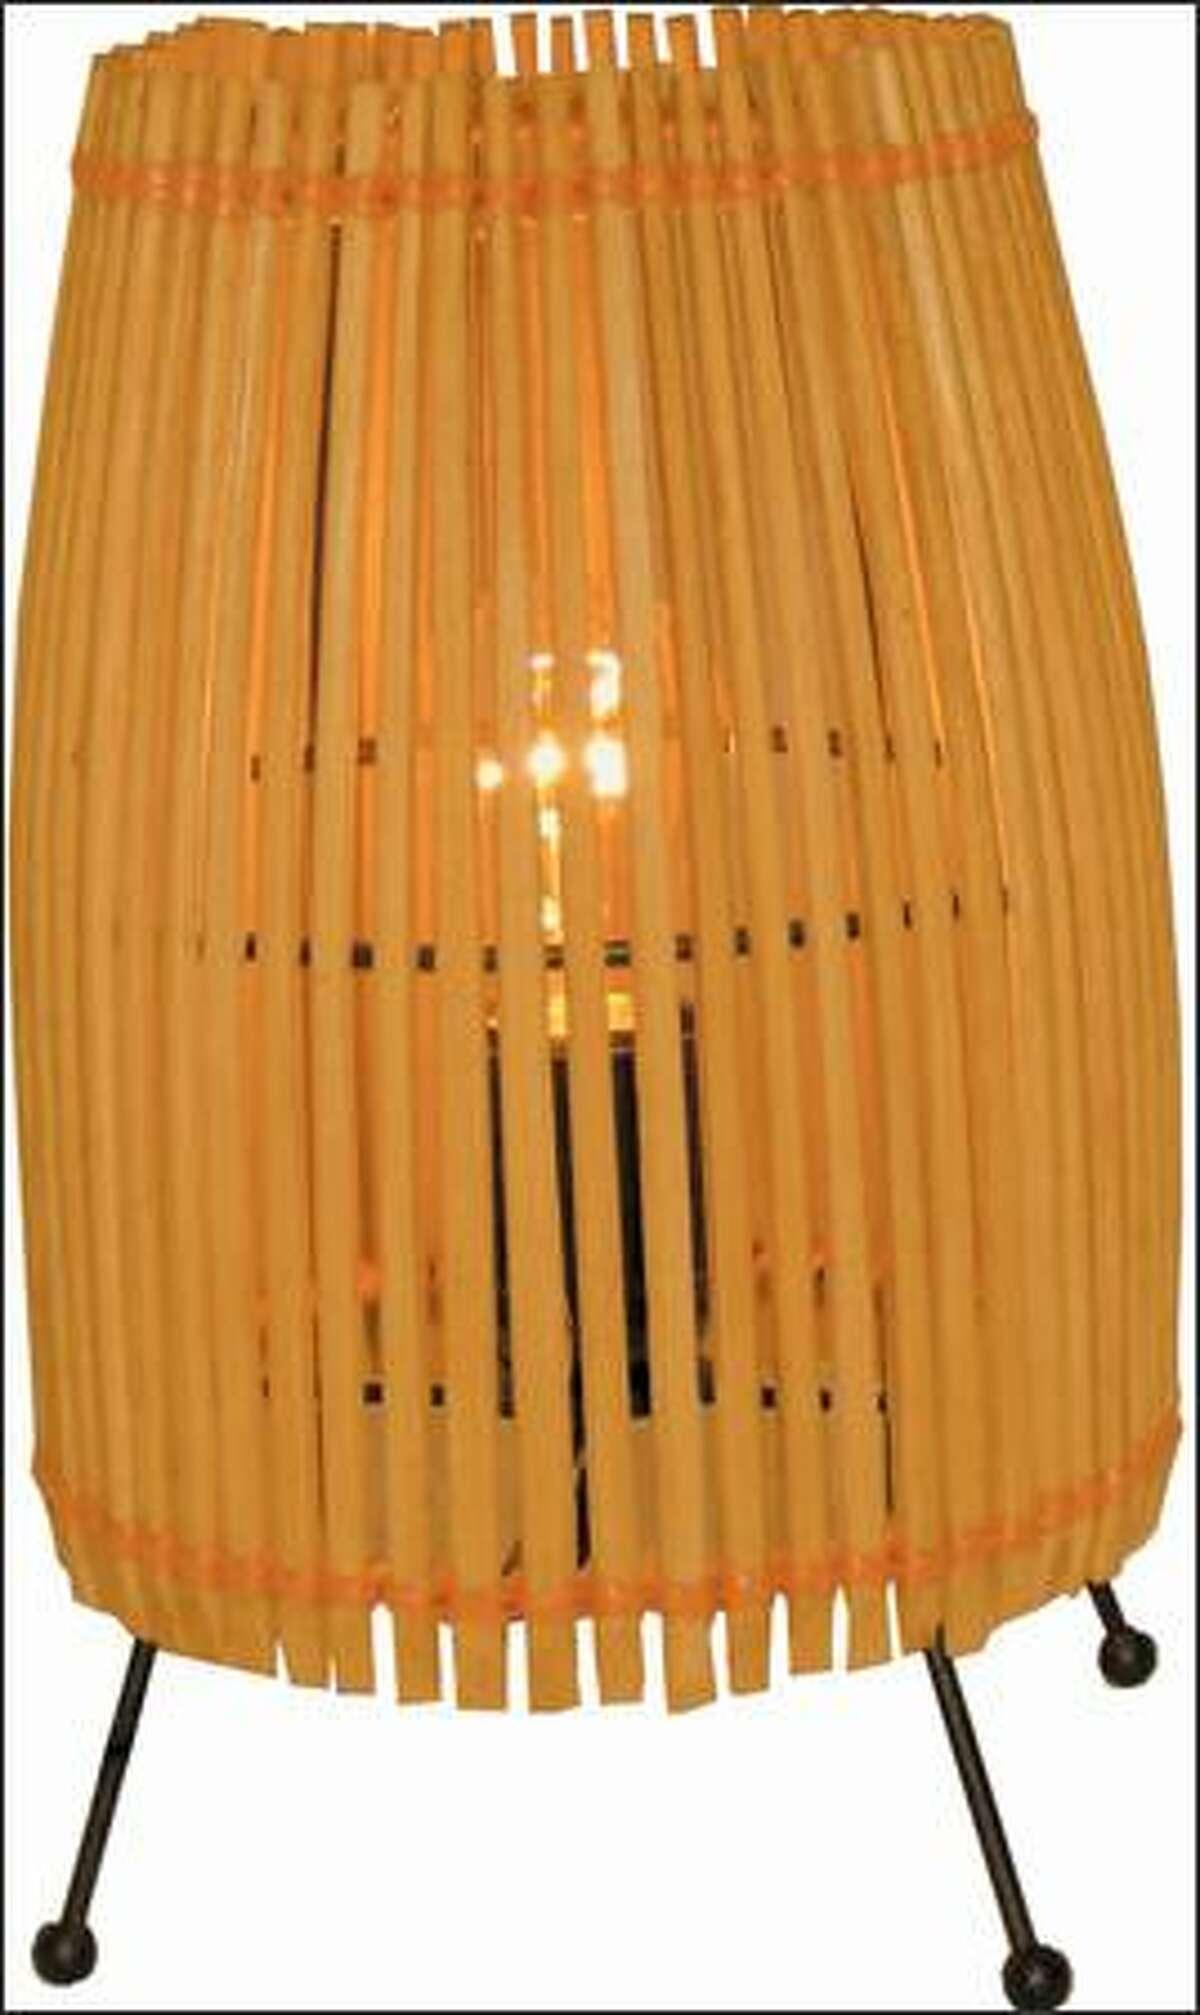 Chopstick light fixture